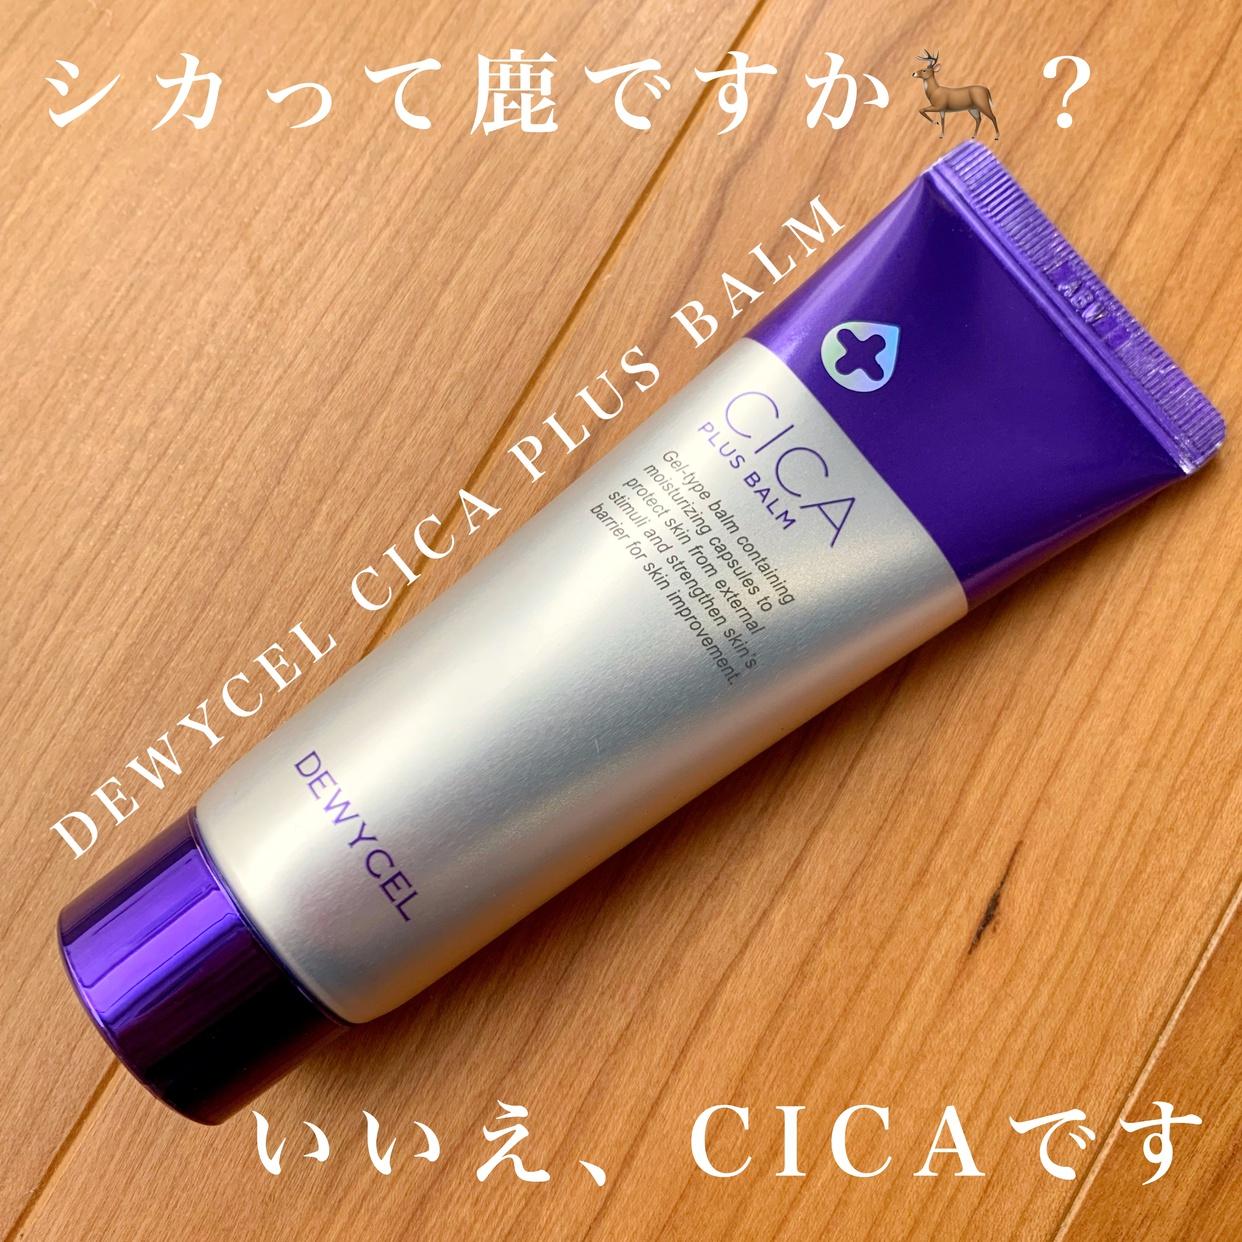 DEWYCEL(デュイセル) シカプラス バームクリームを使ったKeiさんのクチコミ画像1